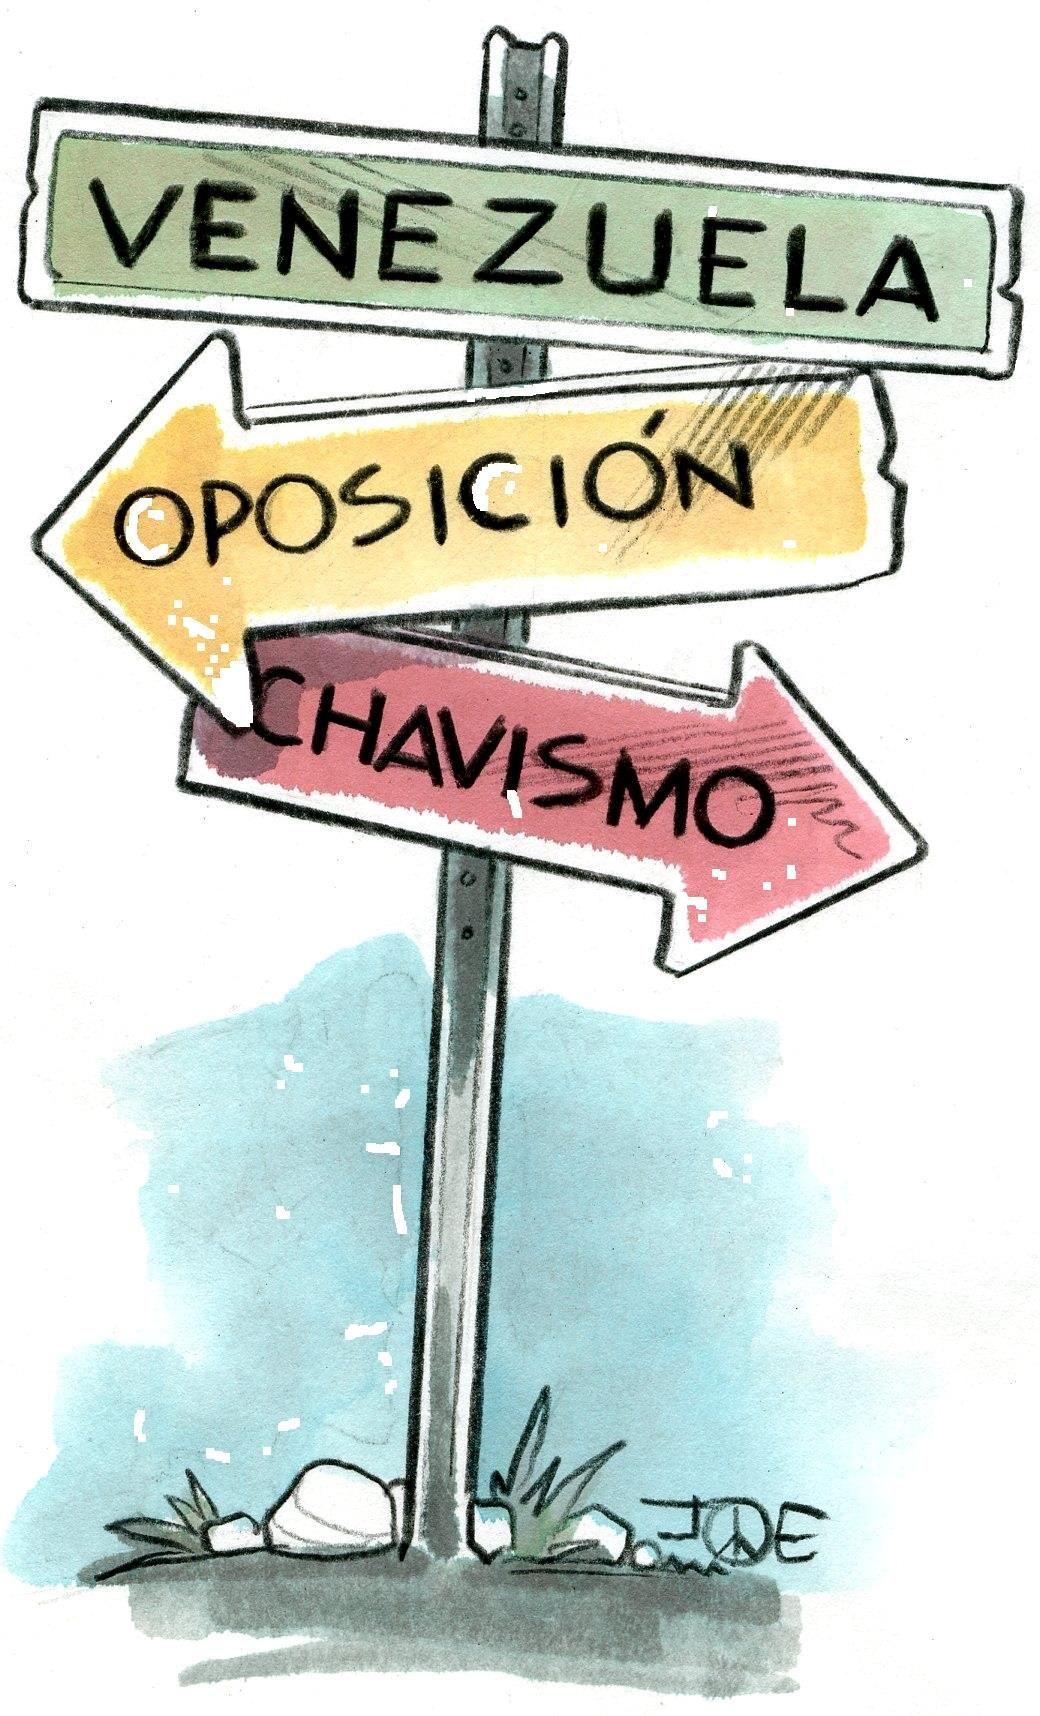 CAMBIOS EN VENEZUELA  La crisis económica, la inseguridad ciudadana y el encarcelamiento de opositores políticos menguaron la imagen y el apoyo al chavismo en Venezuela. Así lo demuestran las elecciones parlamentarias de días atrás en las que venció la Mesa de Unidad Democrática (MUD). Este movimiento opositor, esta vez articulado y unido, acuñó el desagrado que siente el pueblo venezolano, azotado por diversidad de problemas a pesar de su riqueza petrolera.